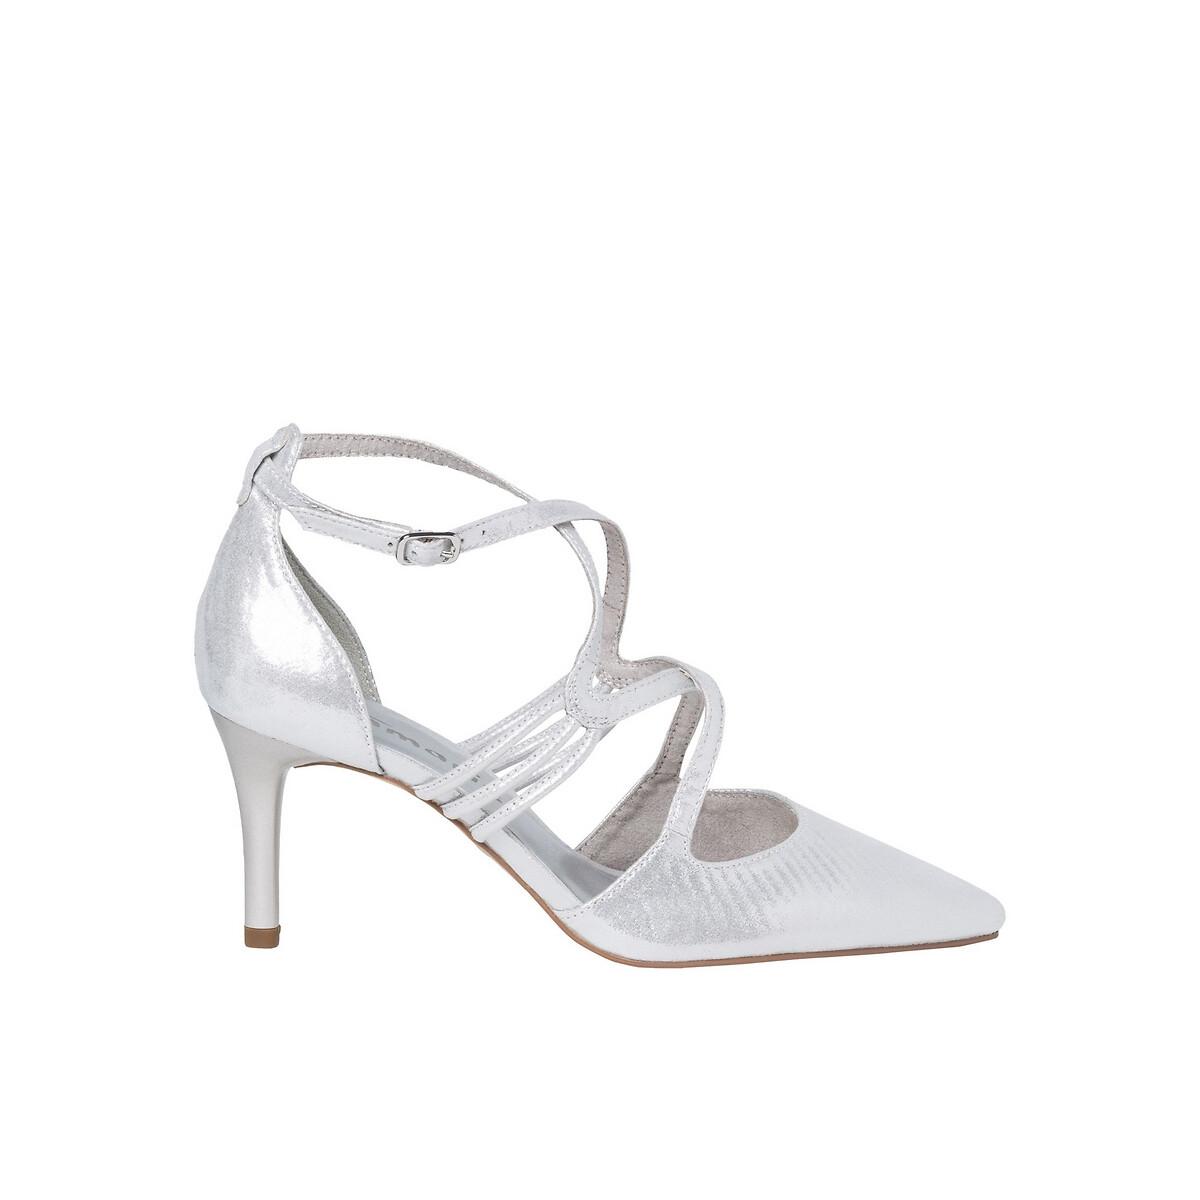 Туфли La Redoute На каблуке-шпильке Seagull 40 серебристый